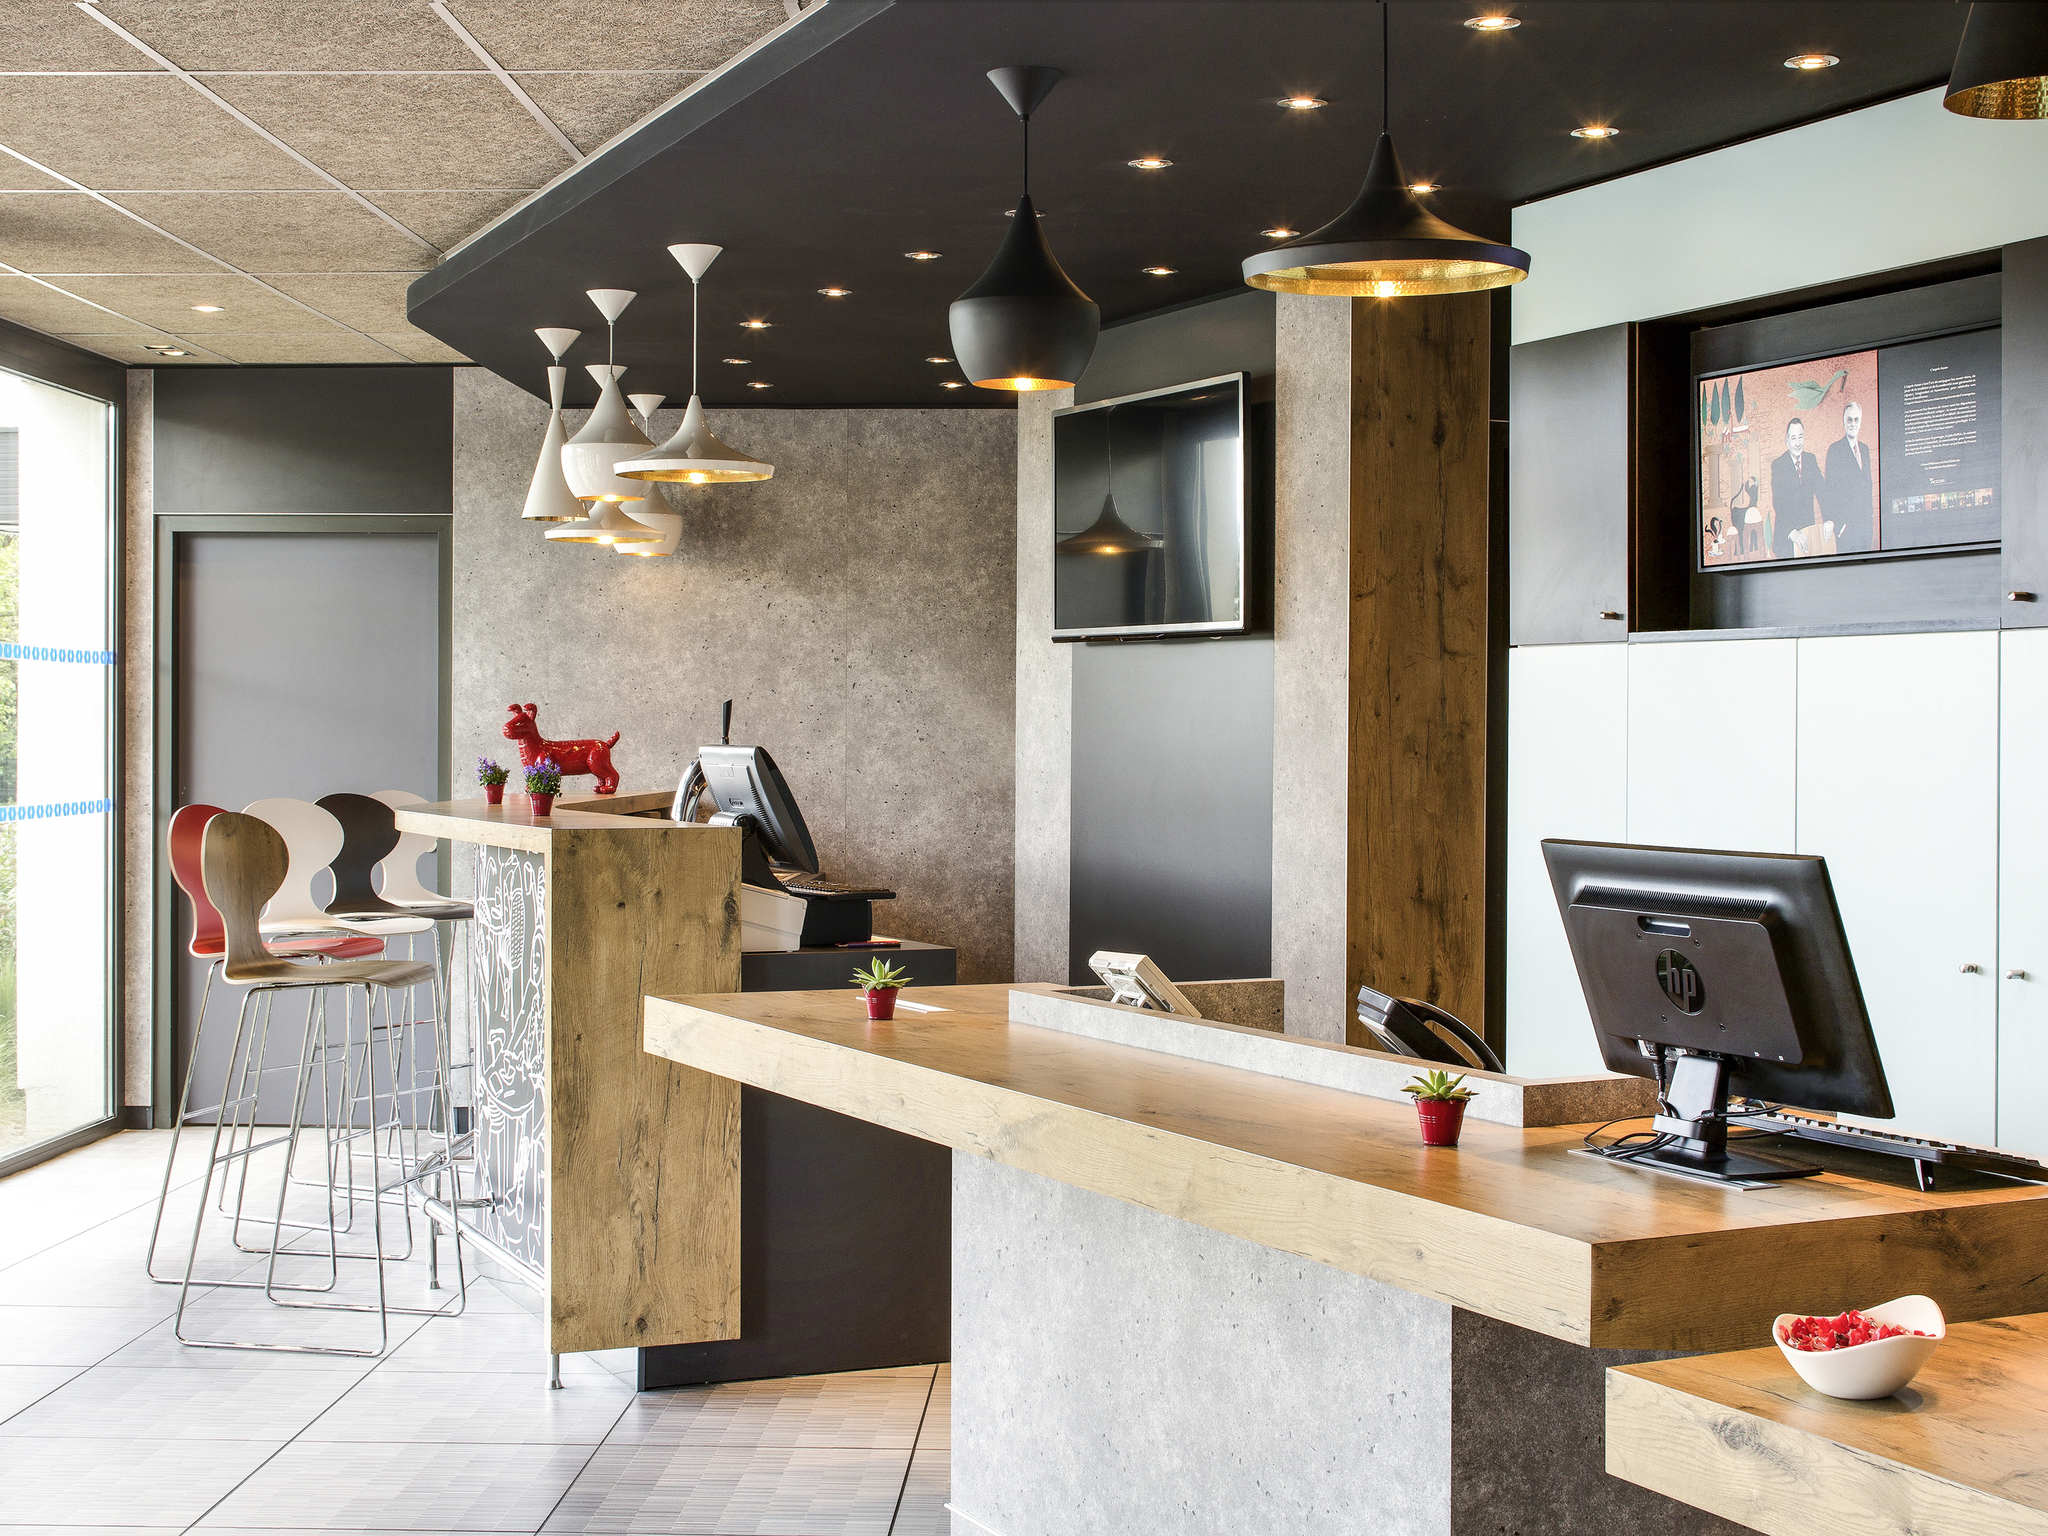 hotel in montceau les mines ibis montceau les mines. Black Bedroom Furniture Sets. Home Design Ideas